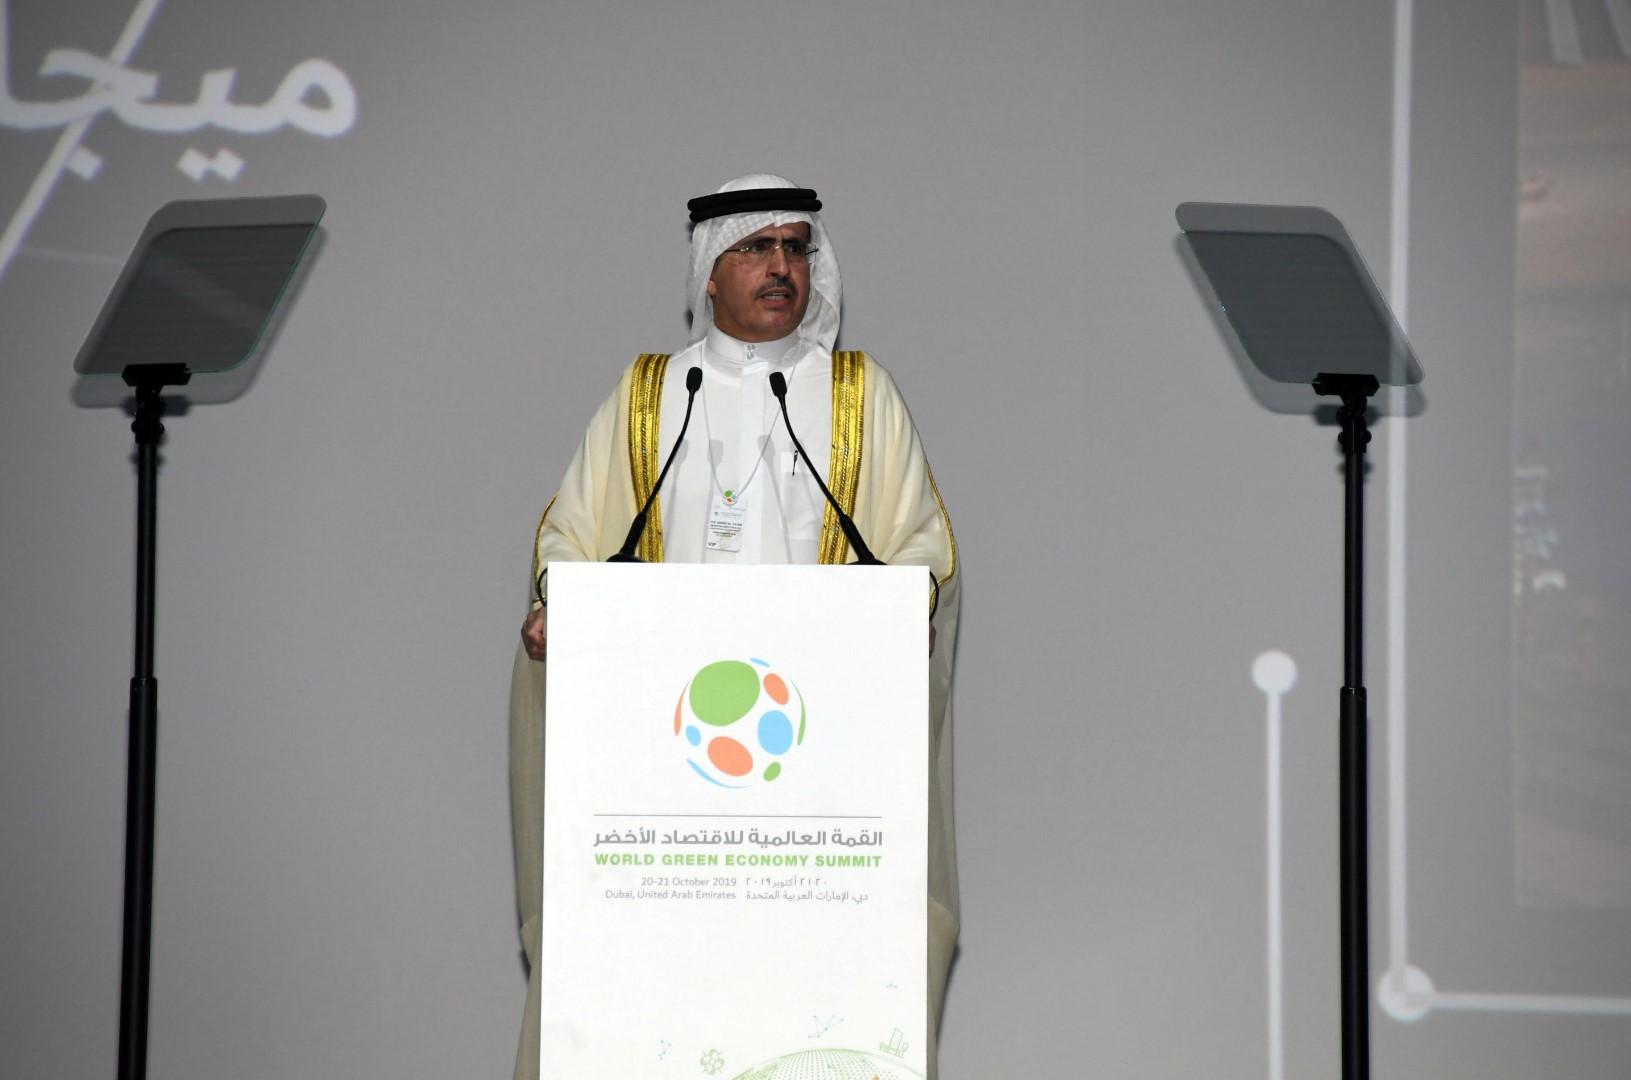 حمدان بن راشد يفتتح القمة العالمية السادسة للاقتصاد الأخضر